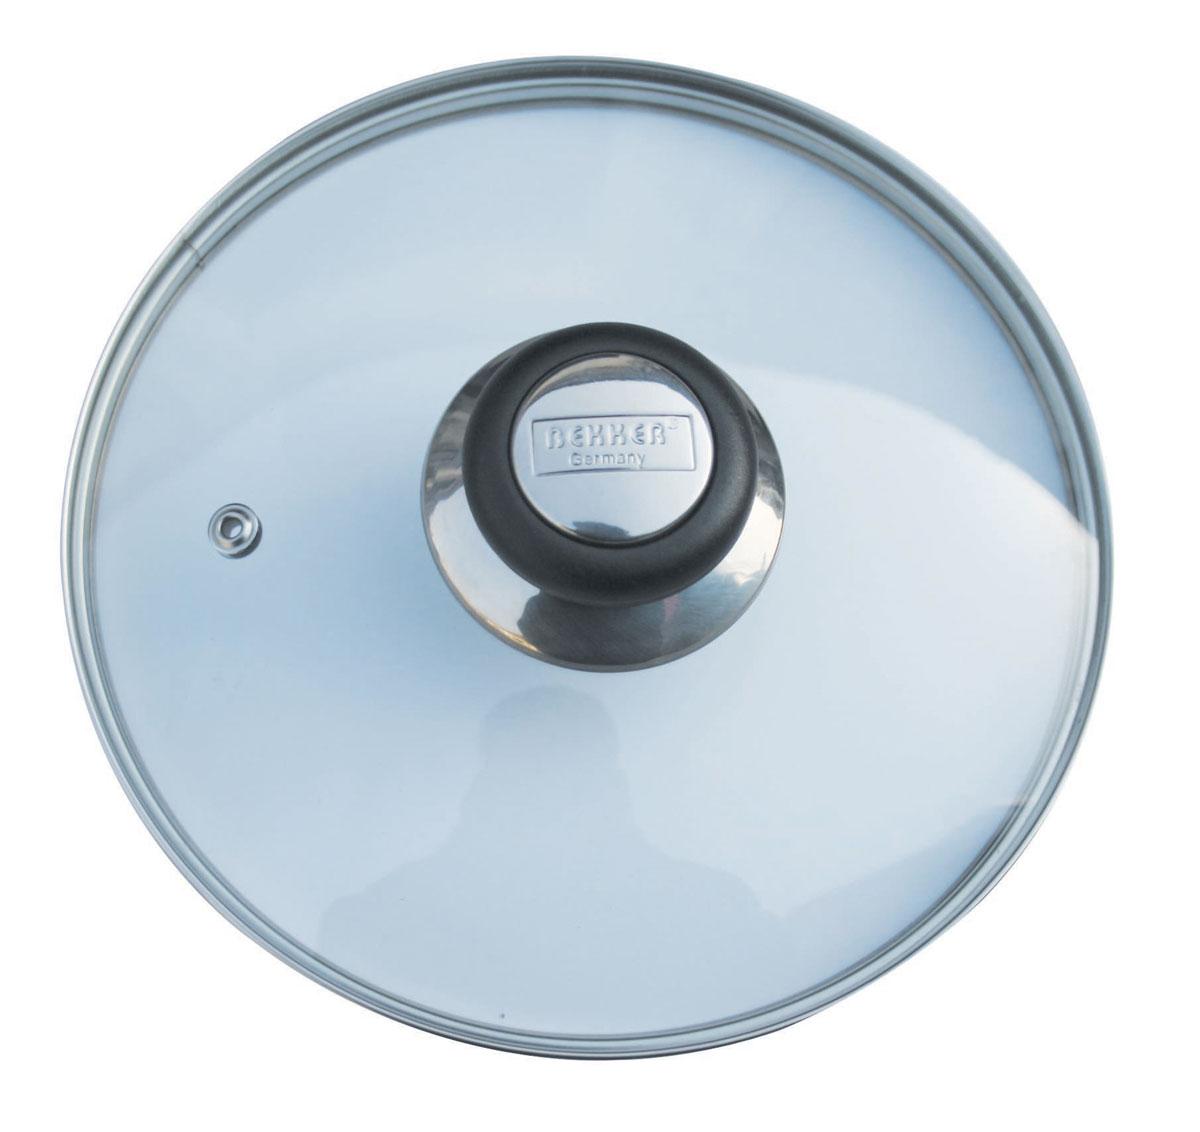 Крышка стеклянная Bekker. Диаметр 18 смCM000001326Крышка Bekker изготовлена из прозрачного термостойкого стекла. Обод, выполненный из высококачественной нержавеющей стали, защищает крышку от повреждений. Ручка из бакелита черного цвета защищает ваши руки от высоких температур. Крышка удобна в использовании, позволяет контролировать процесс приготовления пищи. Имеется отверстие для выпуска пара. Толщина стенки: 4 мм.